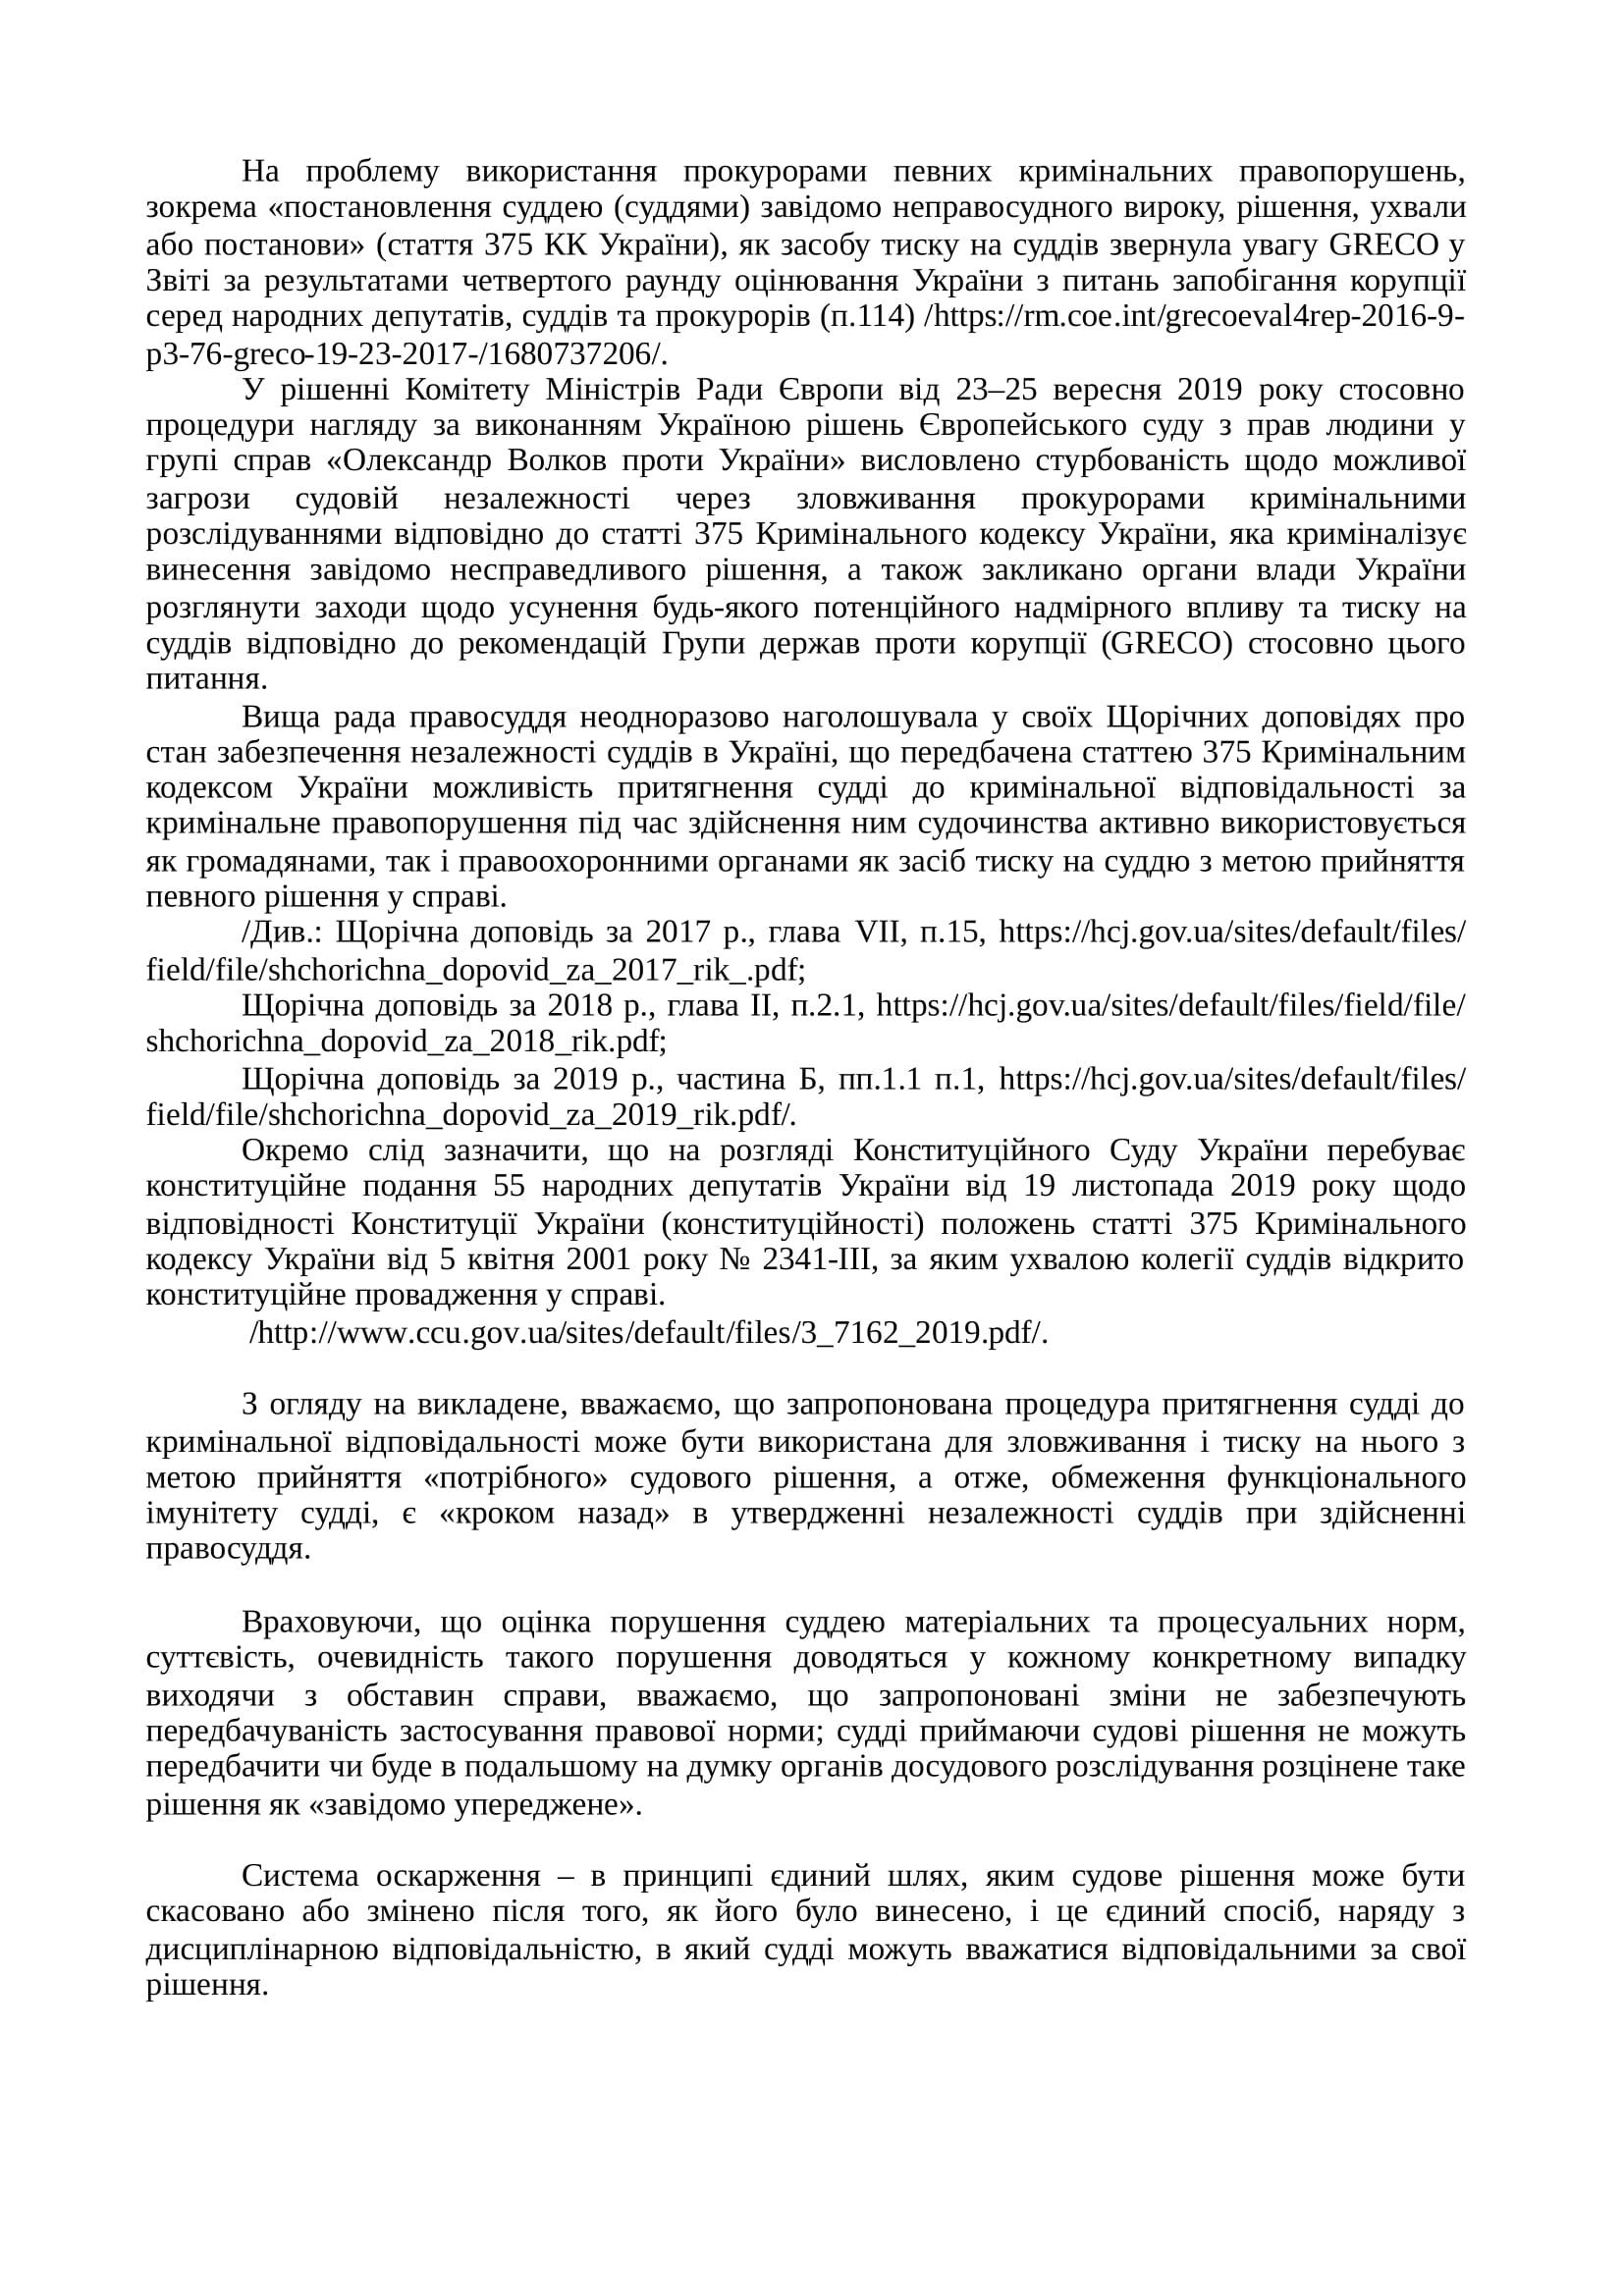 Звернення-АРССУ-до-ВРУ-4